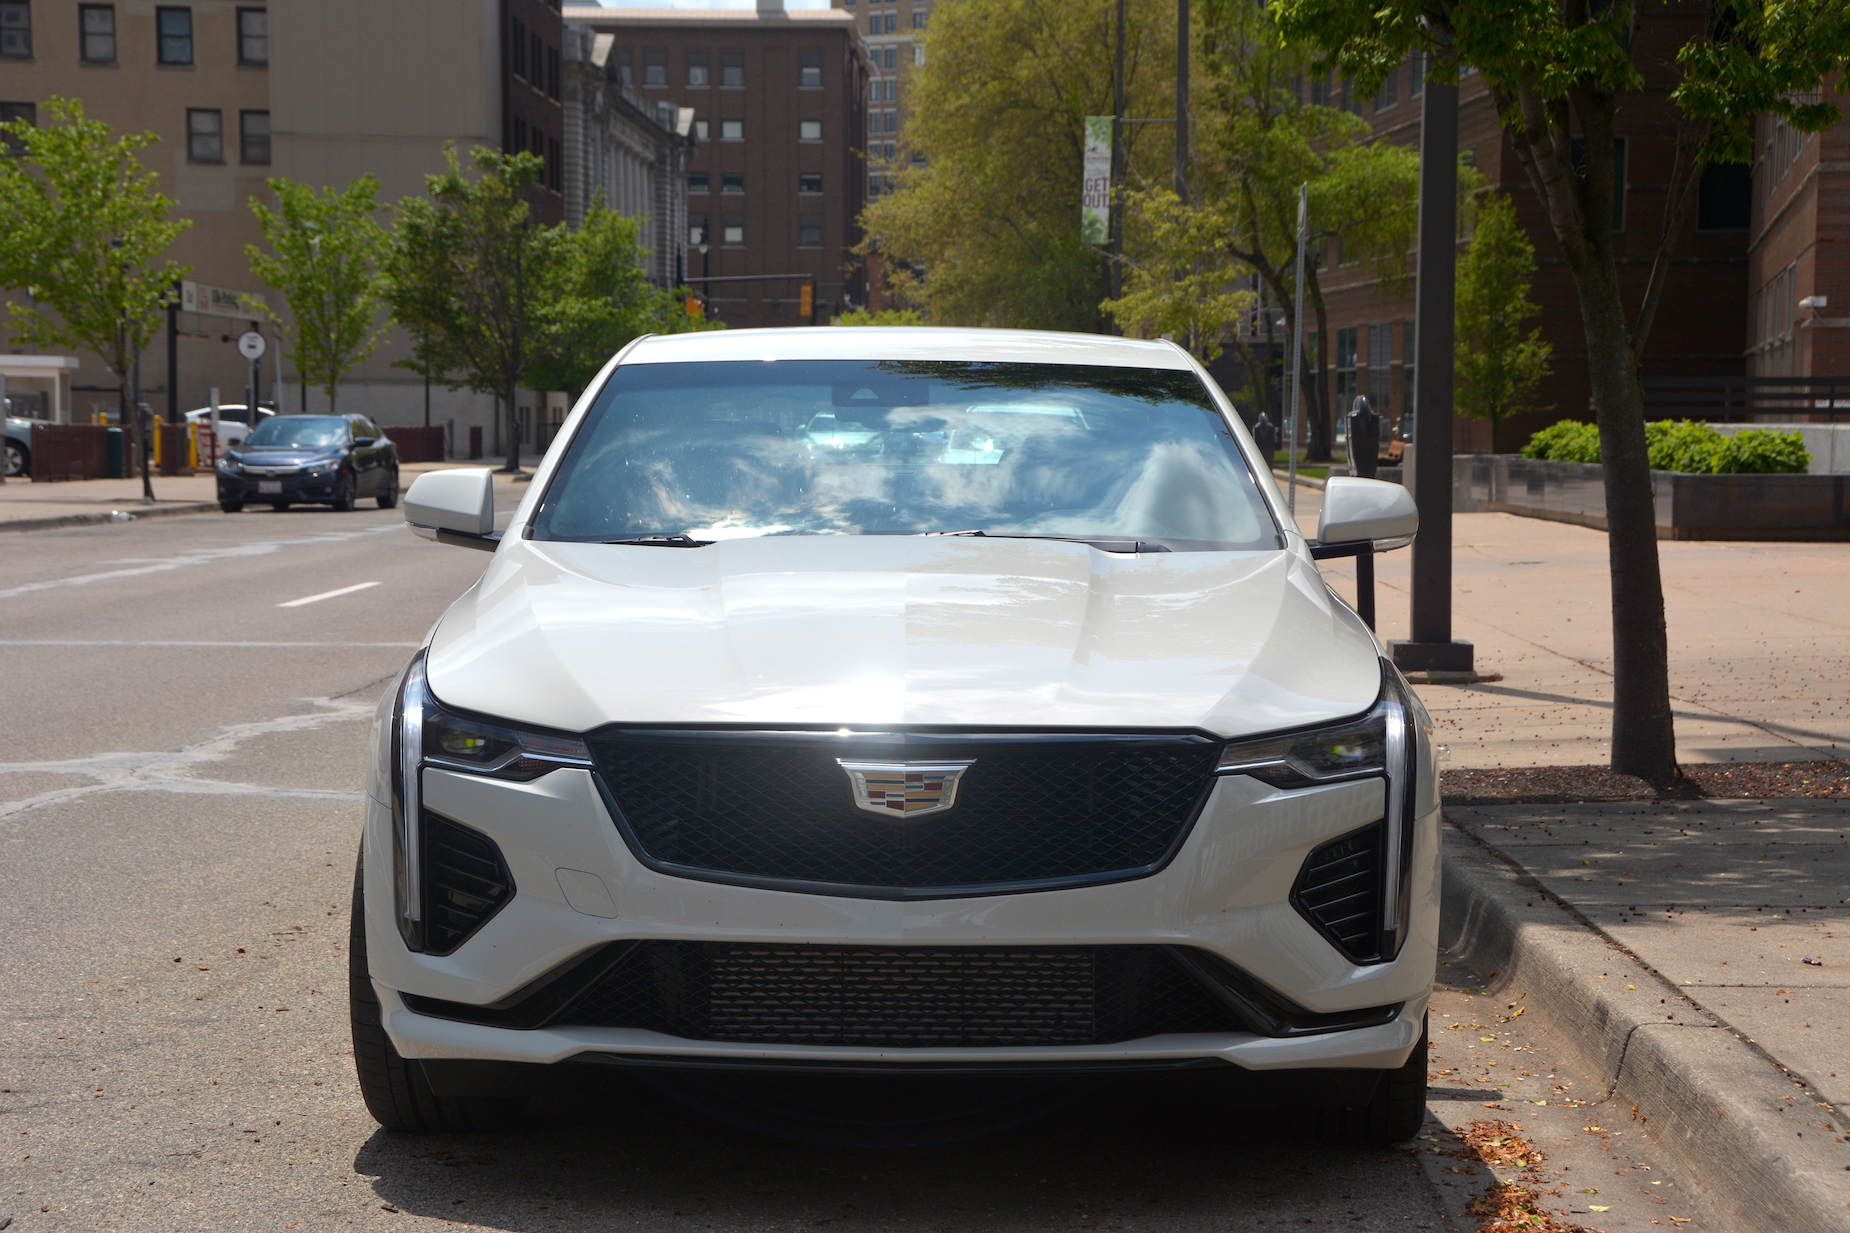 2021 Cadillac CT4-V front